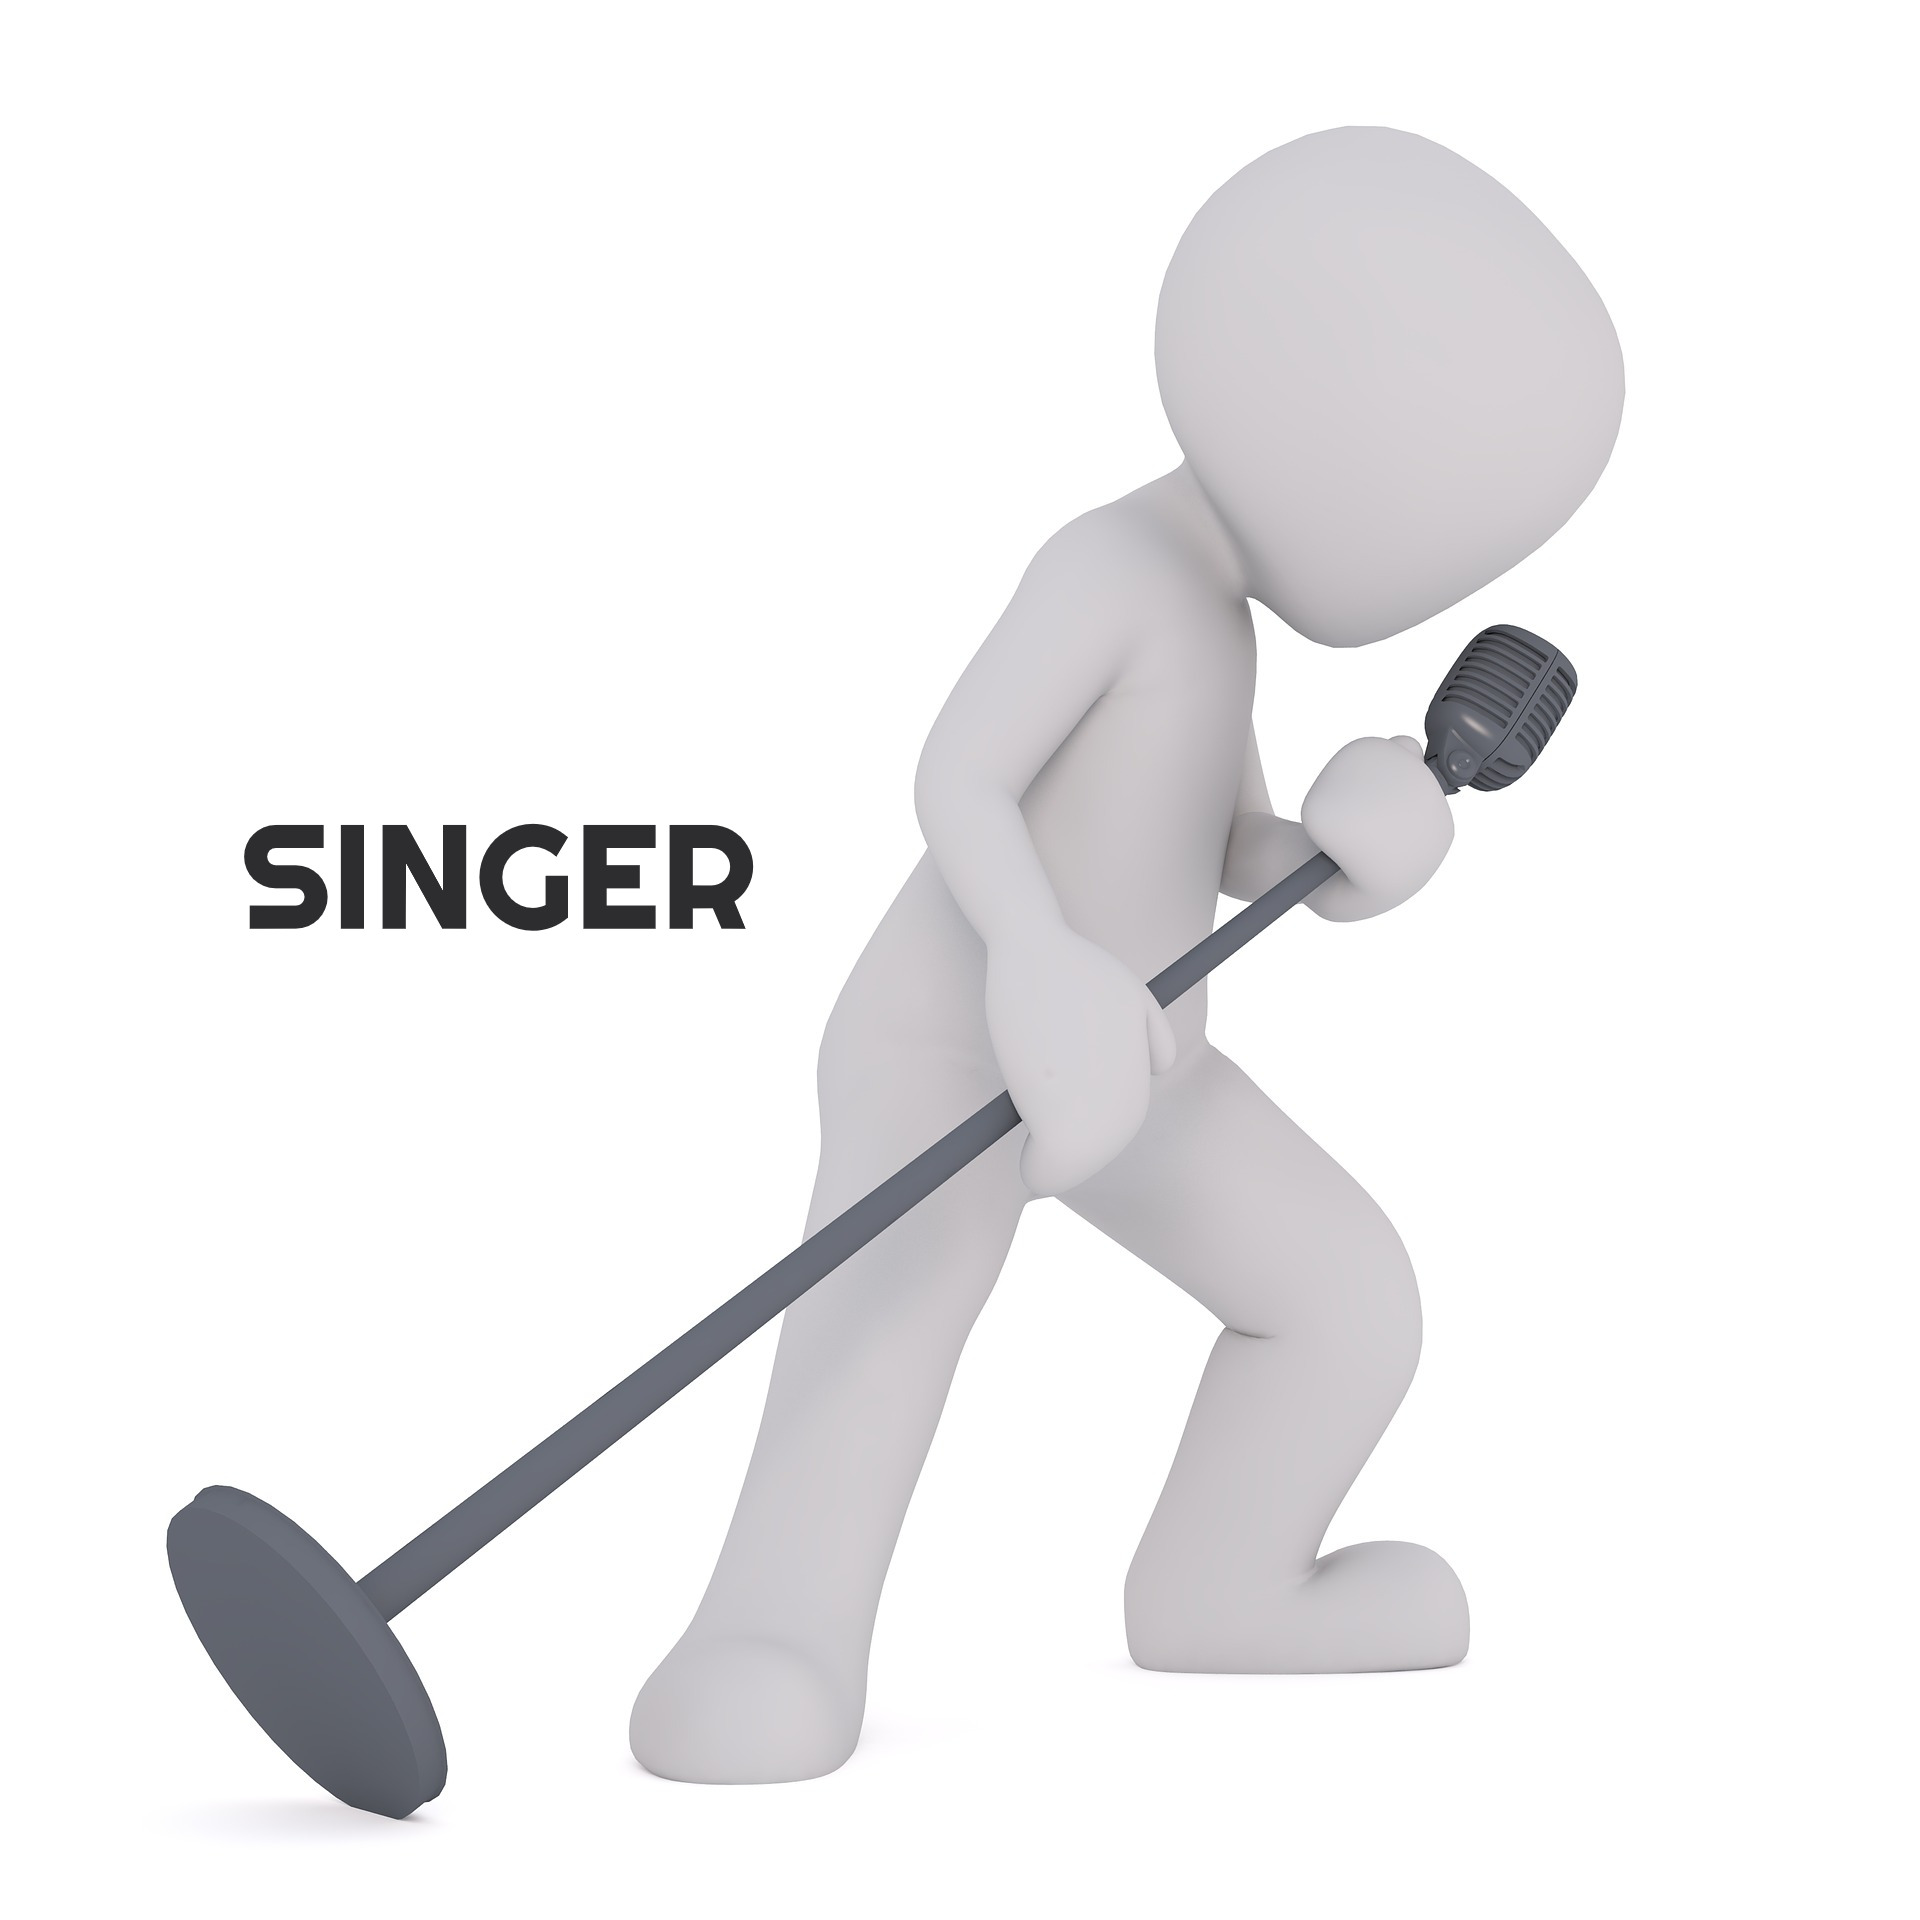 singer-1825685_1920_edited